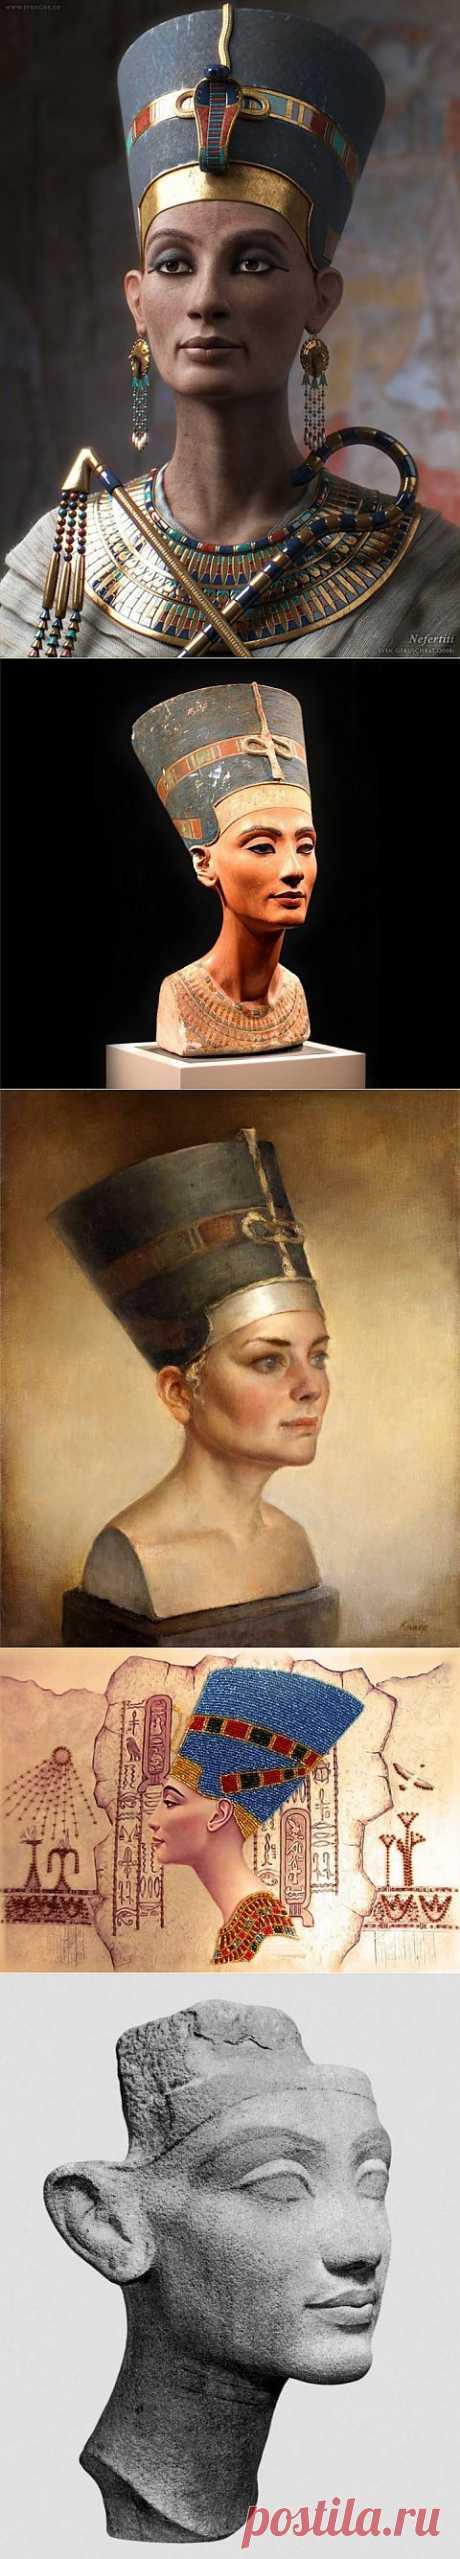 (+1) тема - Нефертити | Искусство